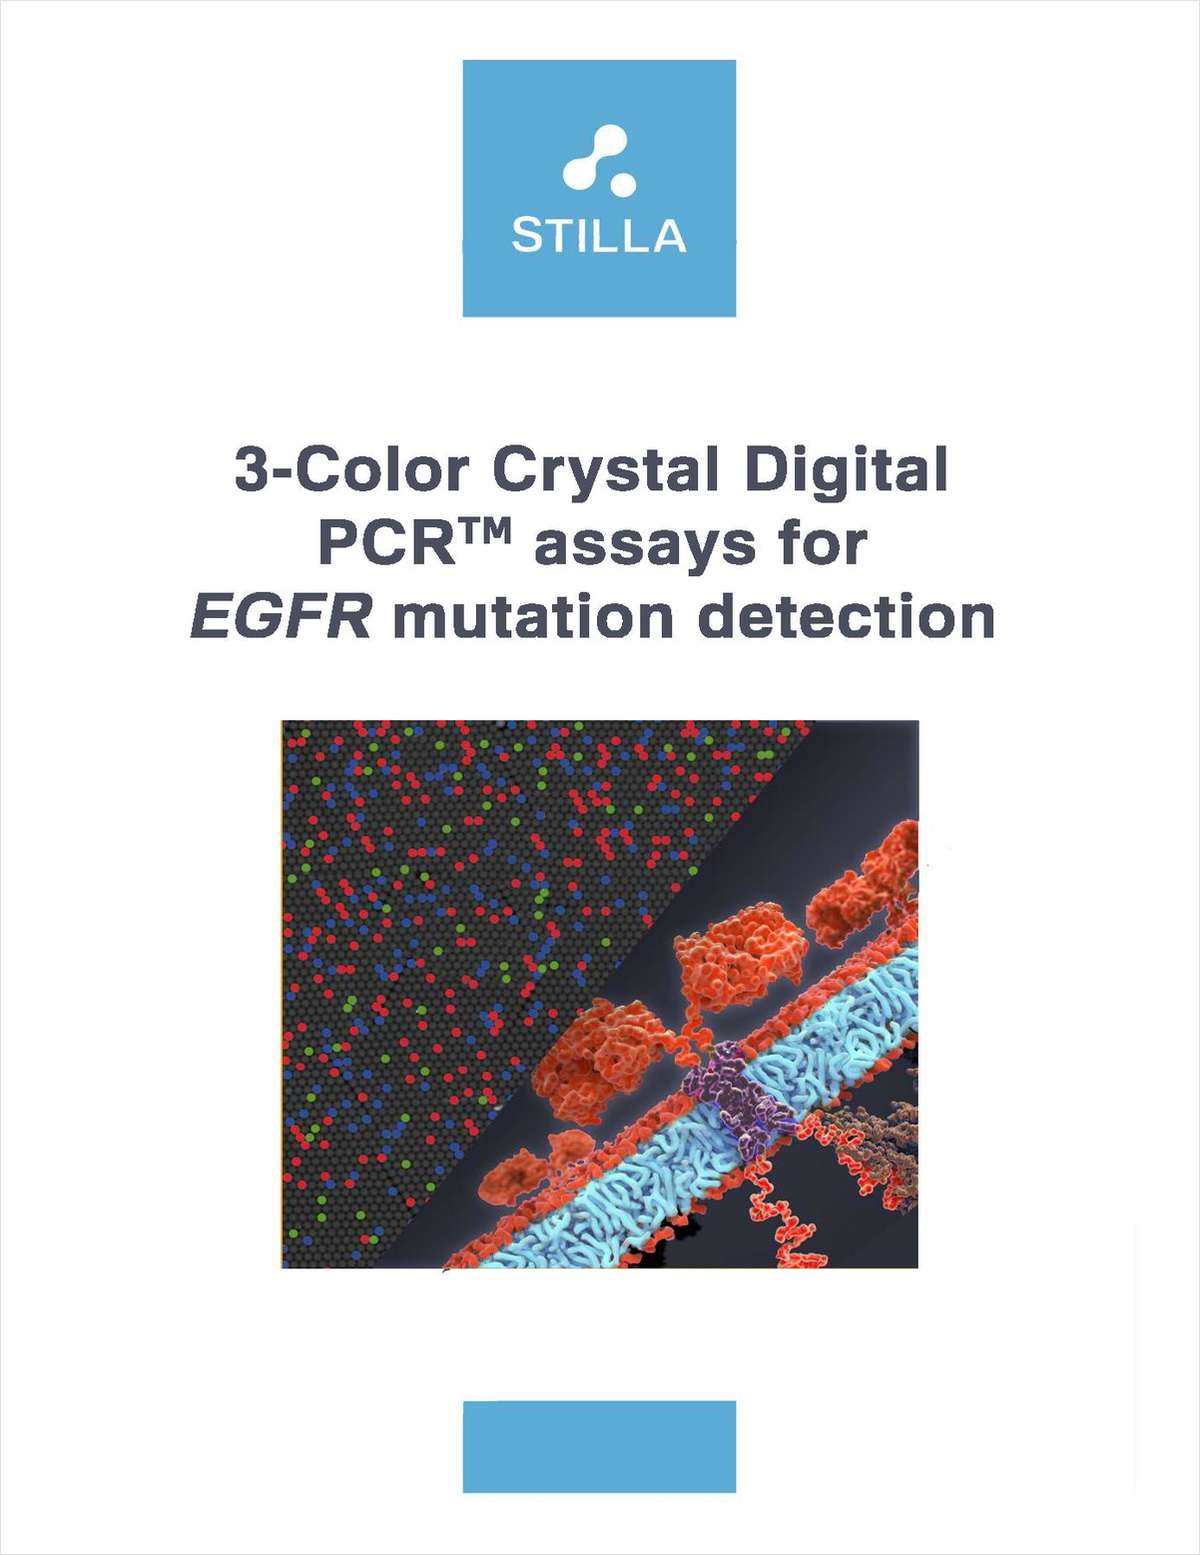 3-Color Crystal Digital PCR Assays for EGFR Mutation Detection